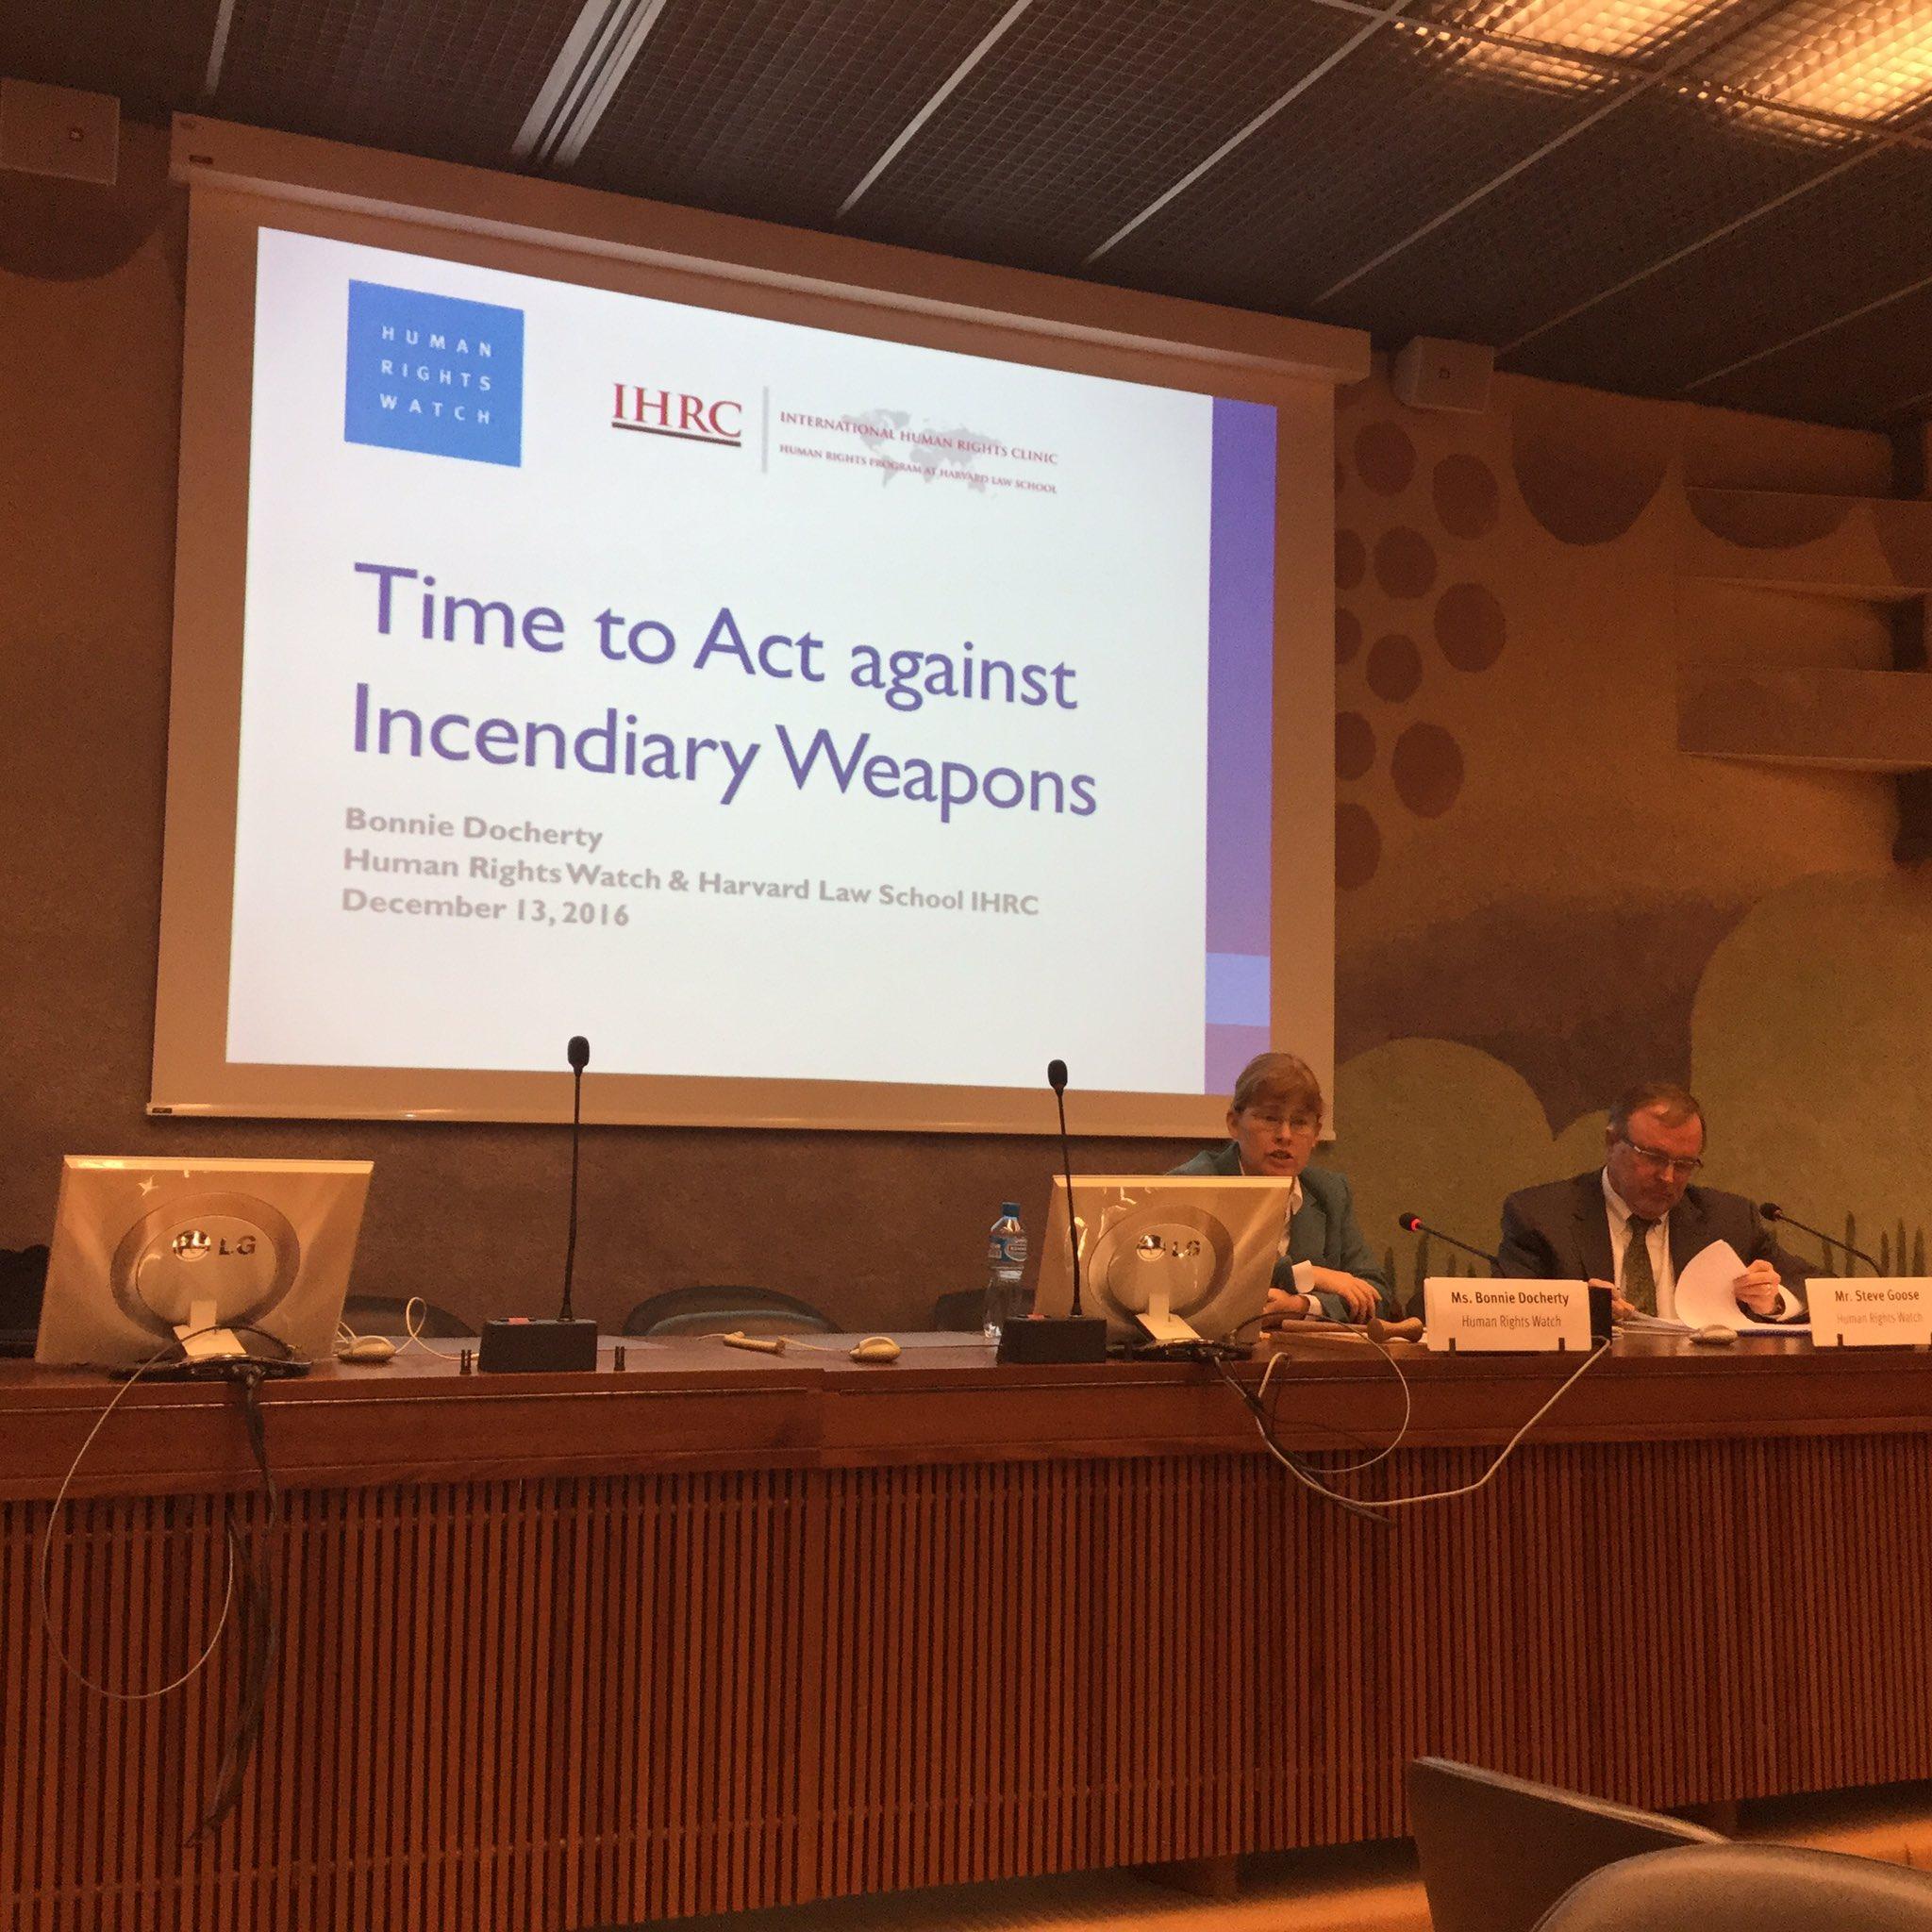 #CCWUN 2日目は、@hrw のサイドイベントから開始です。シリアで現在も使われている焼夷弾について。CCWの第三議定書は焼夷弾に関するものですが、定義が狭く、現在の使用については制限しきれていません。 https://t.co/H9nVqYdnv4